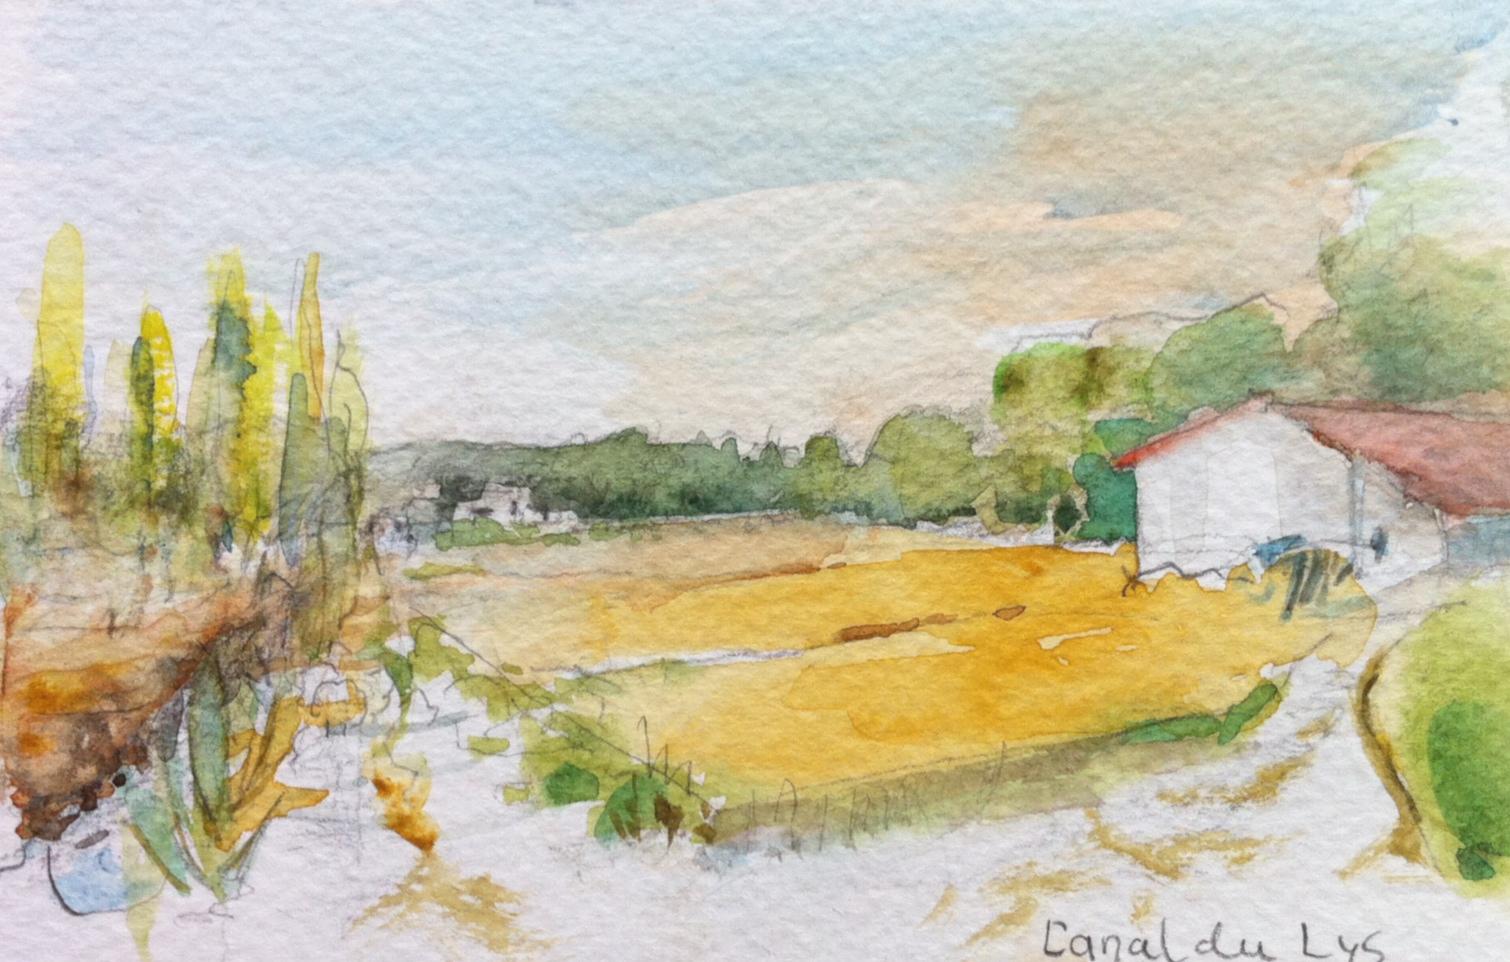 Cornillon, La plaine du Lys